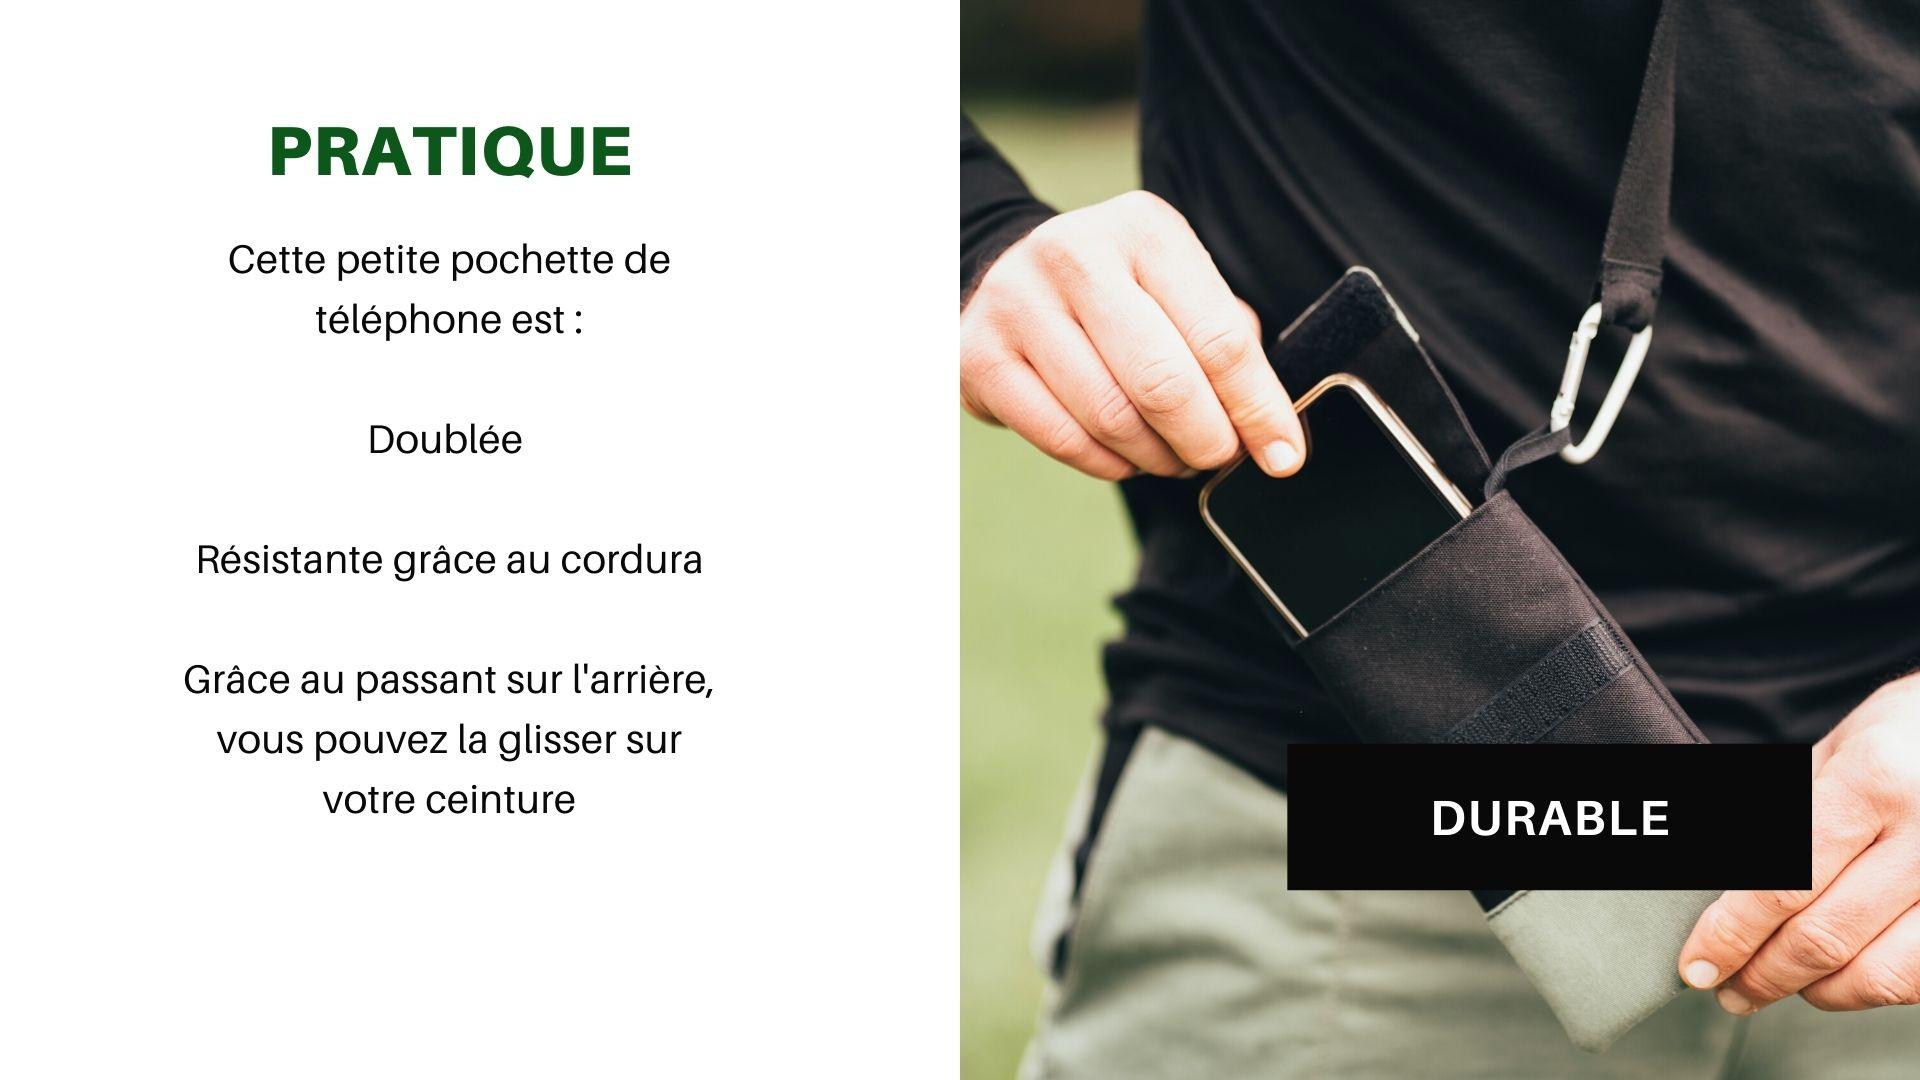 pochette-upcyclée-so-ride-wear